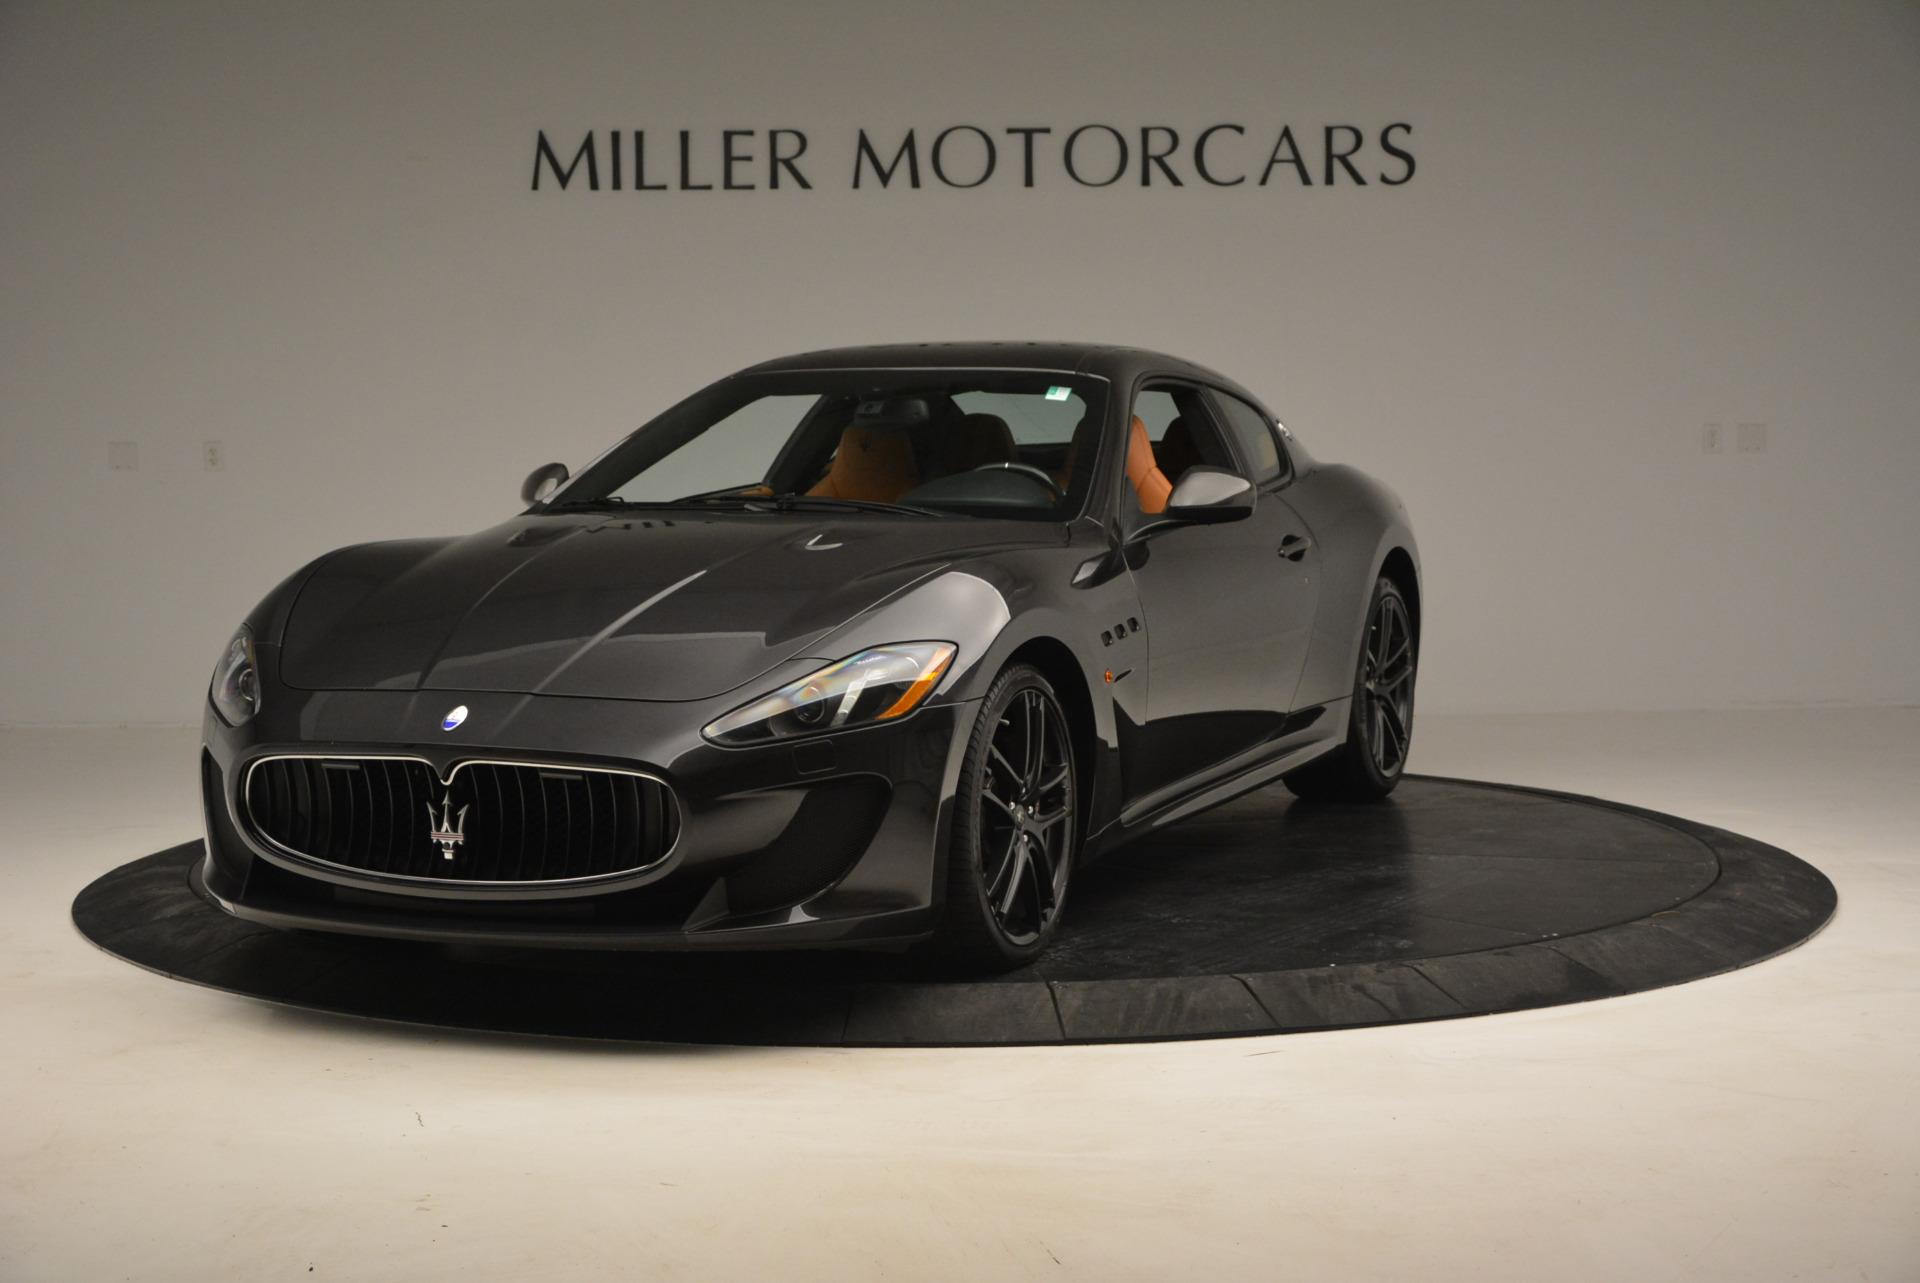 Used 2013 Maserati GranTurismo MC for sale Sold at Alfa Romeo of Westport in Westport CT 06880 1